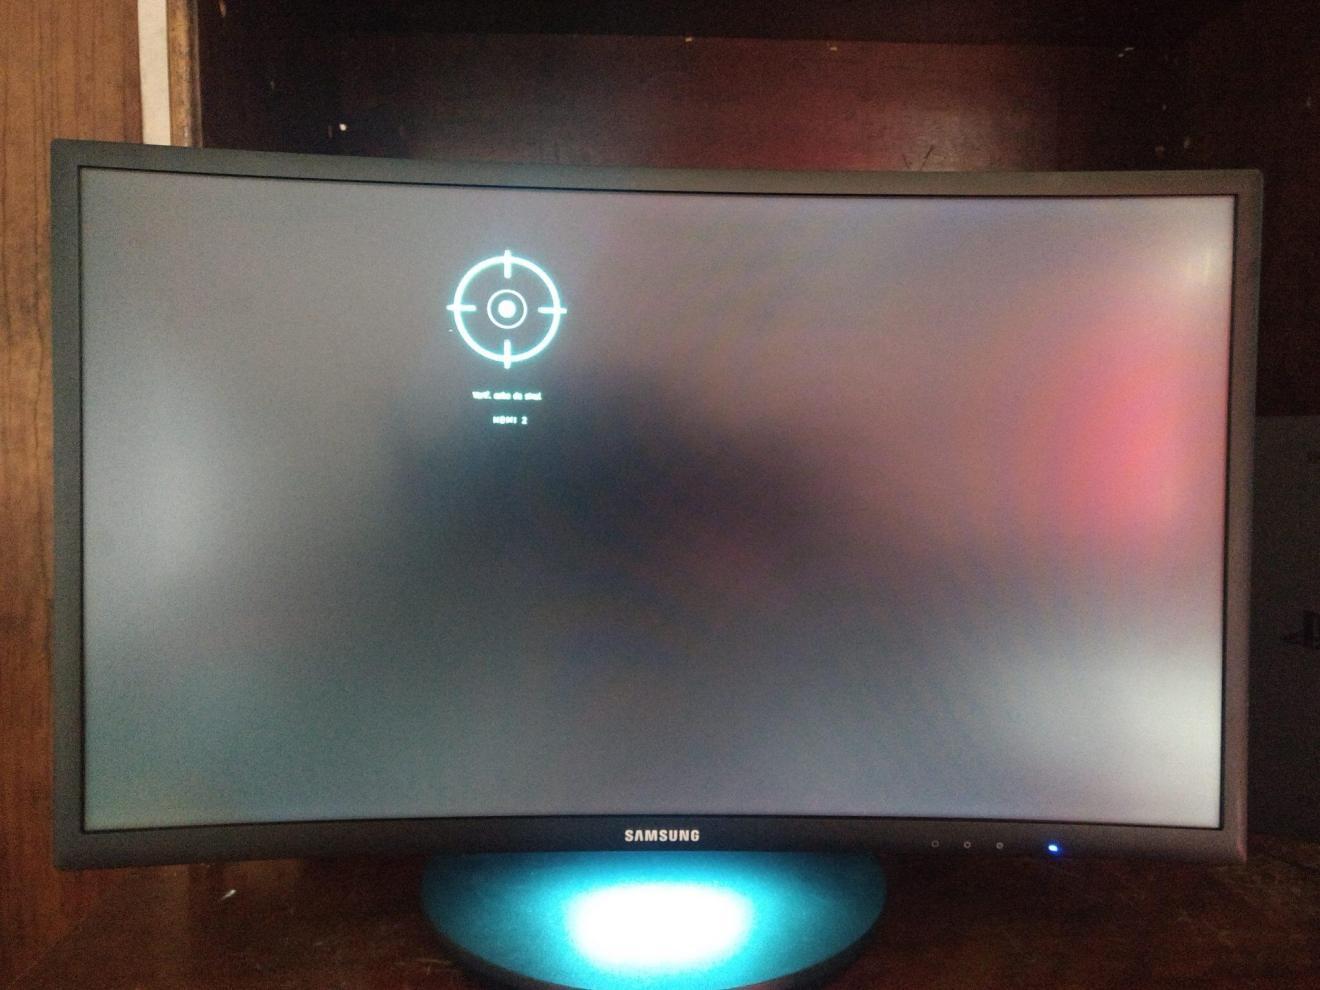 IMG 20180531 145324080 LL - Review: monitor gamer Samsung C24FG70 possibilita imersão que todo jogador sonha